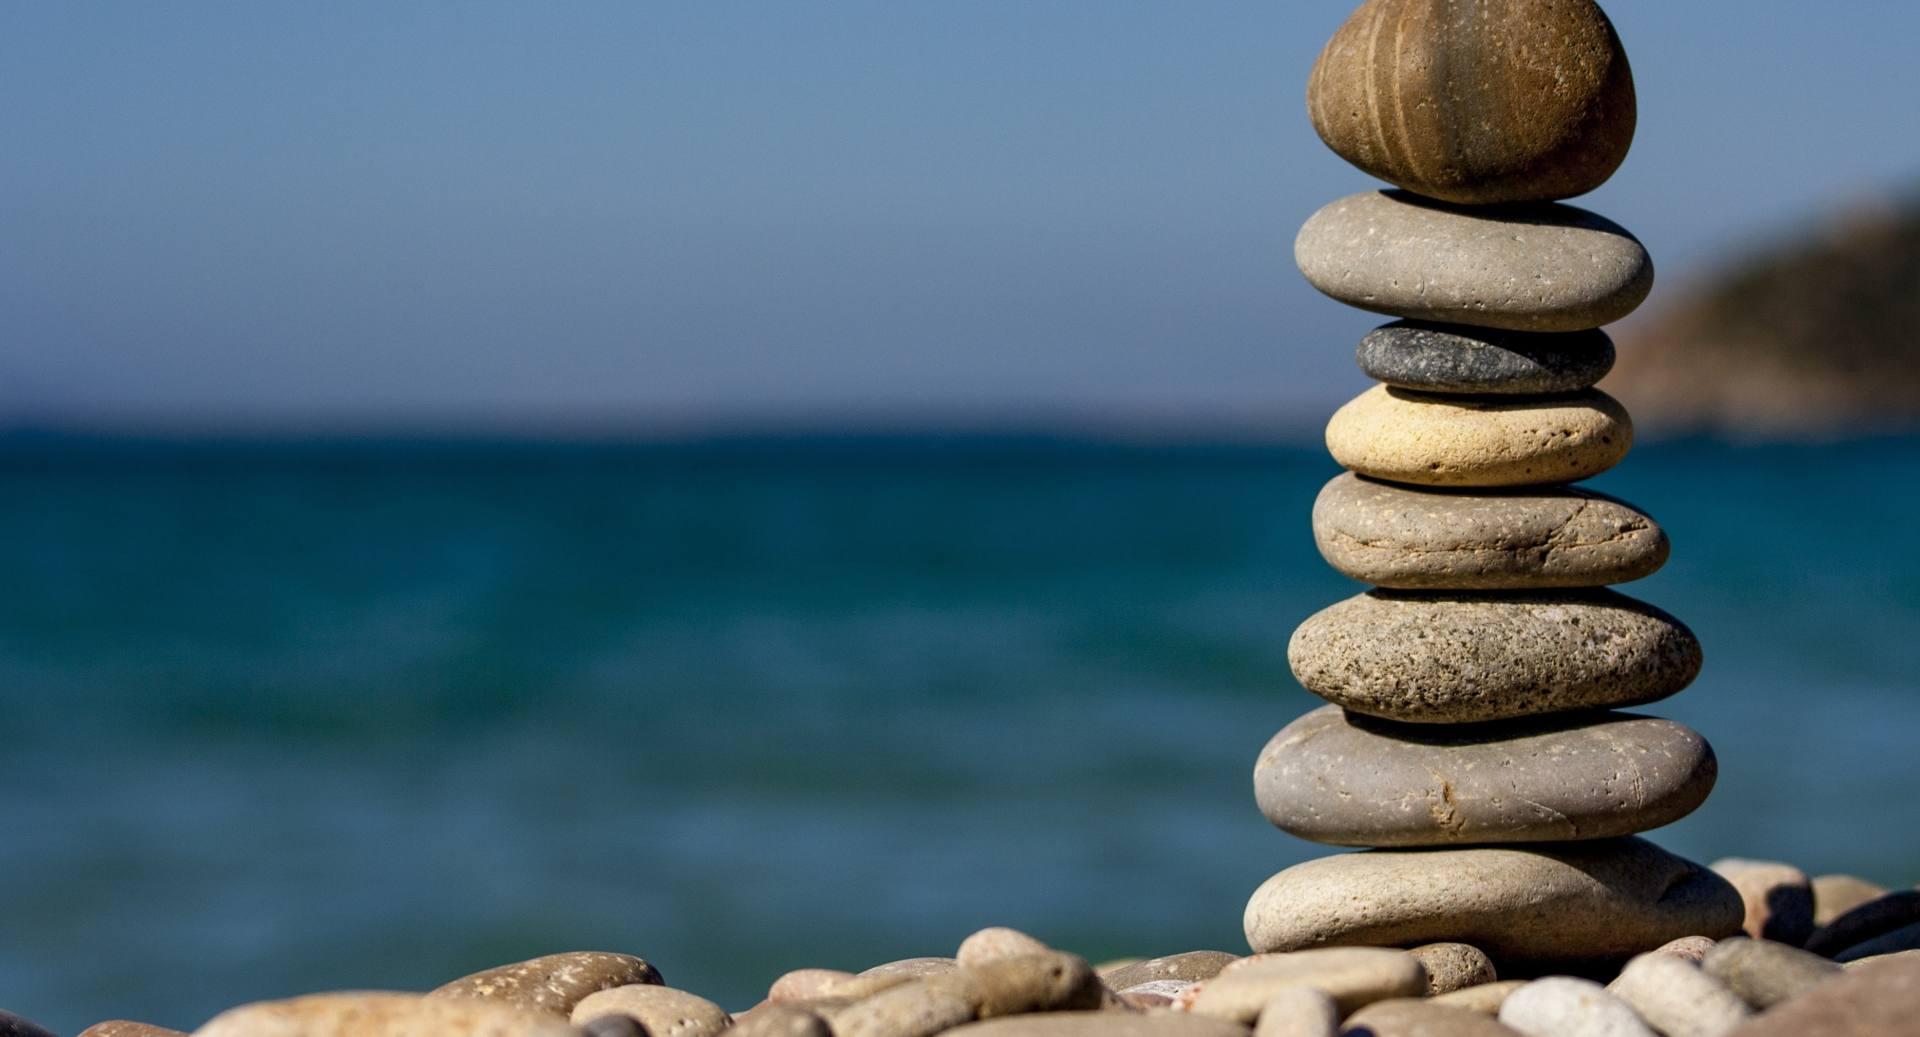 GIRONA - Curs de consciència plena i reducció de l'estrès: Mindfulness - Edició TARDES